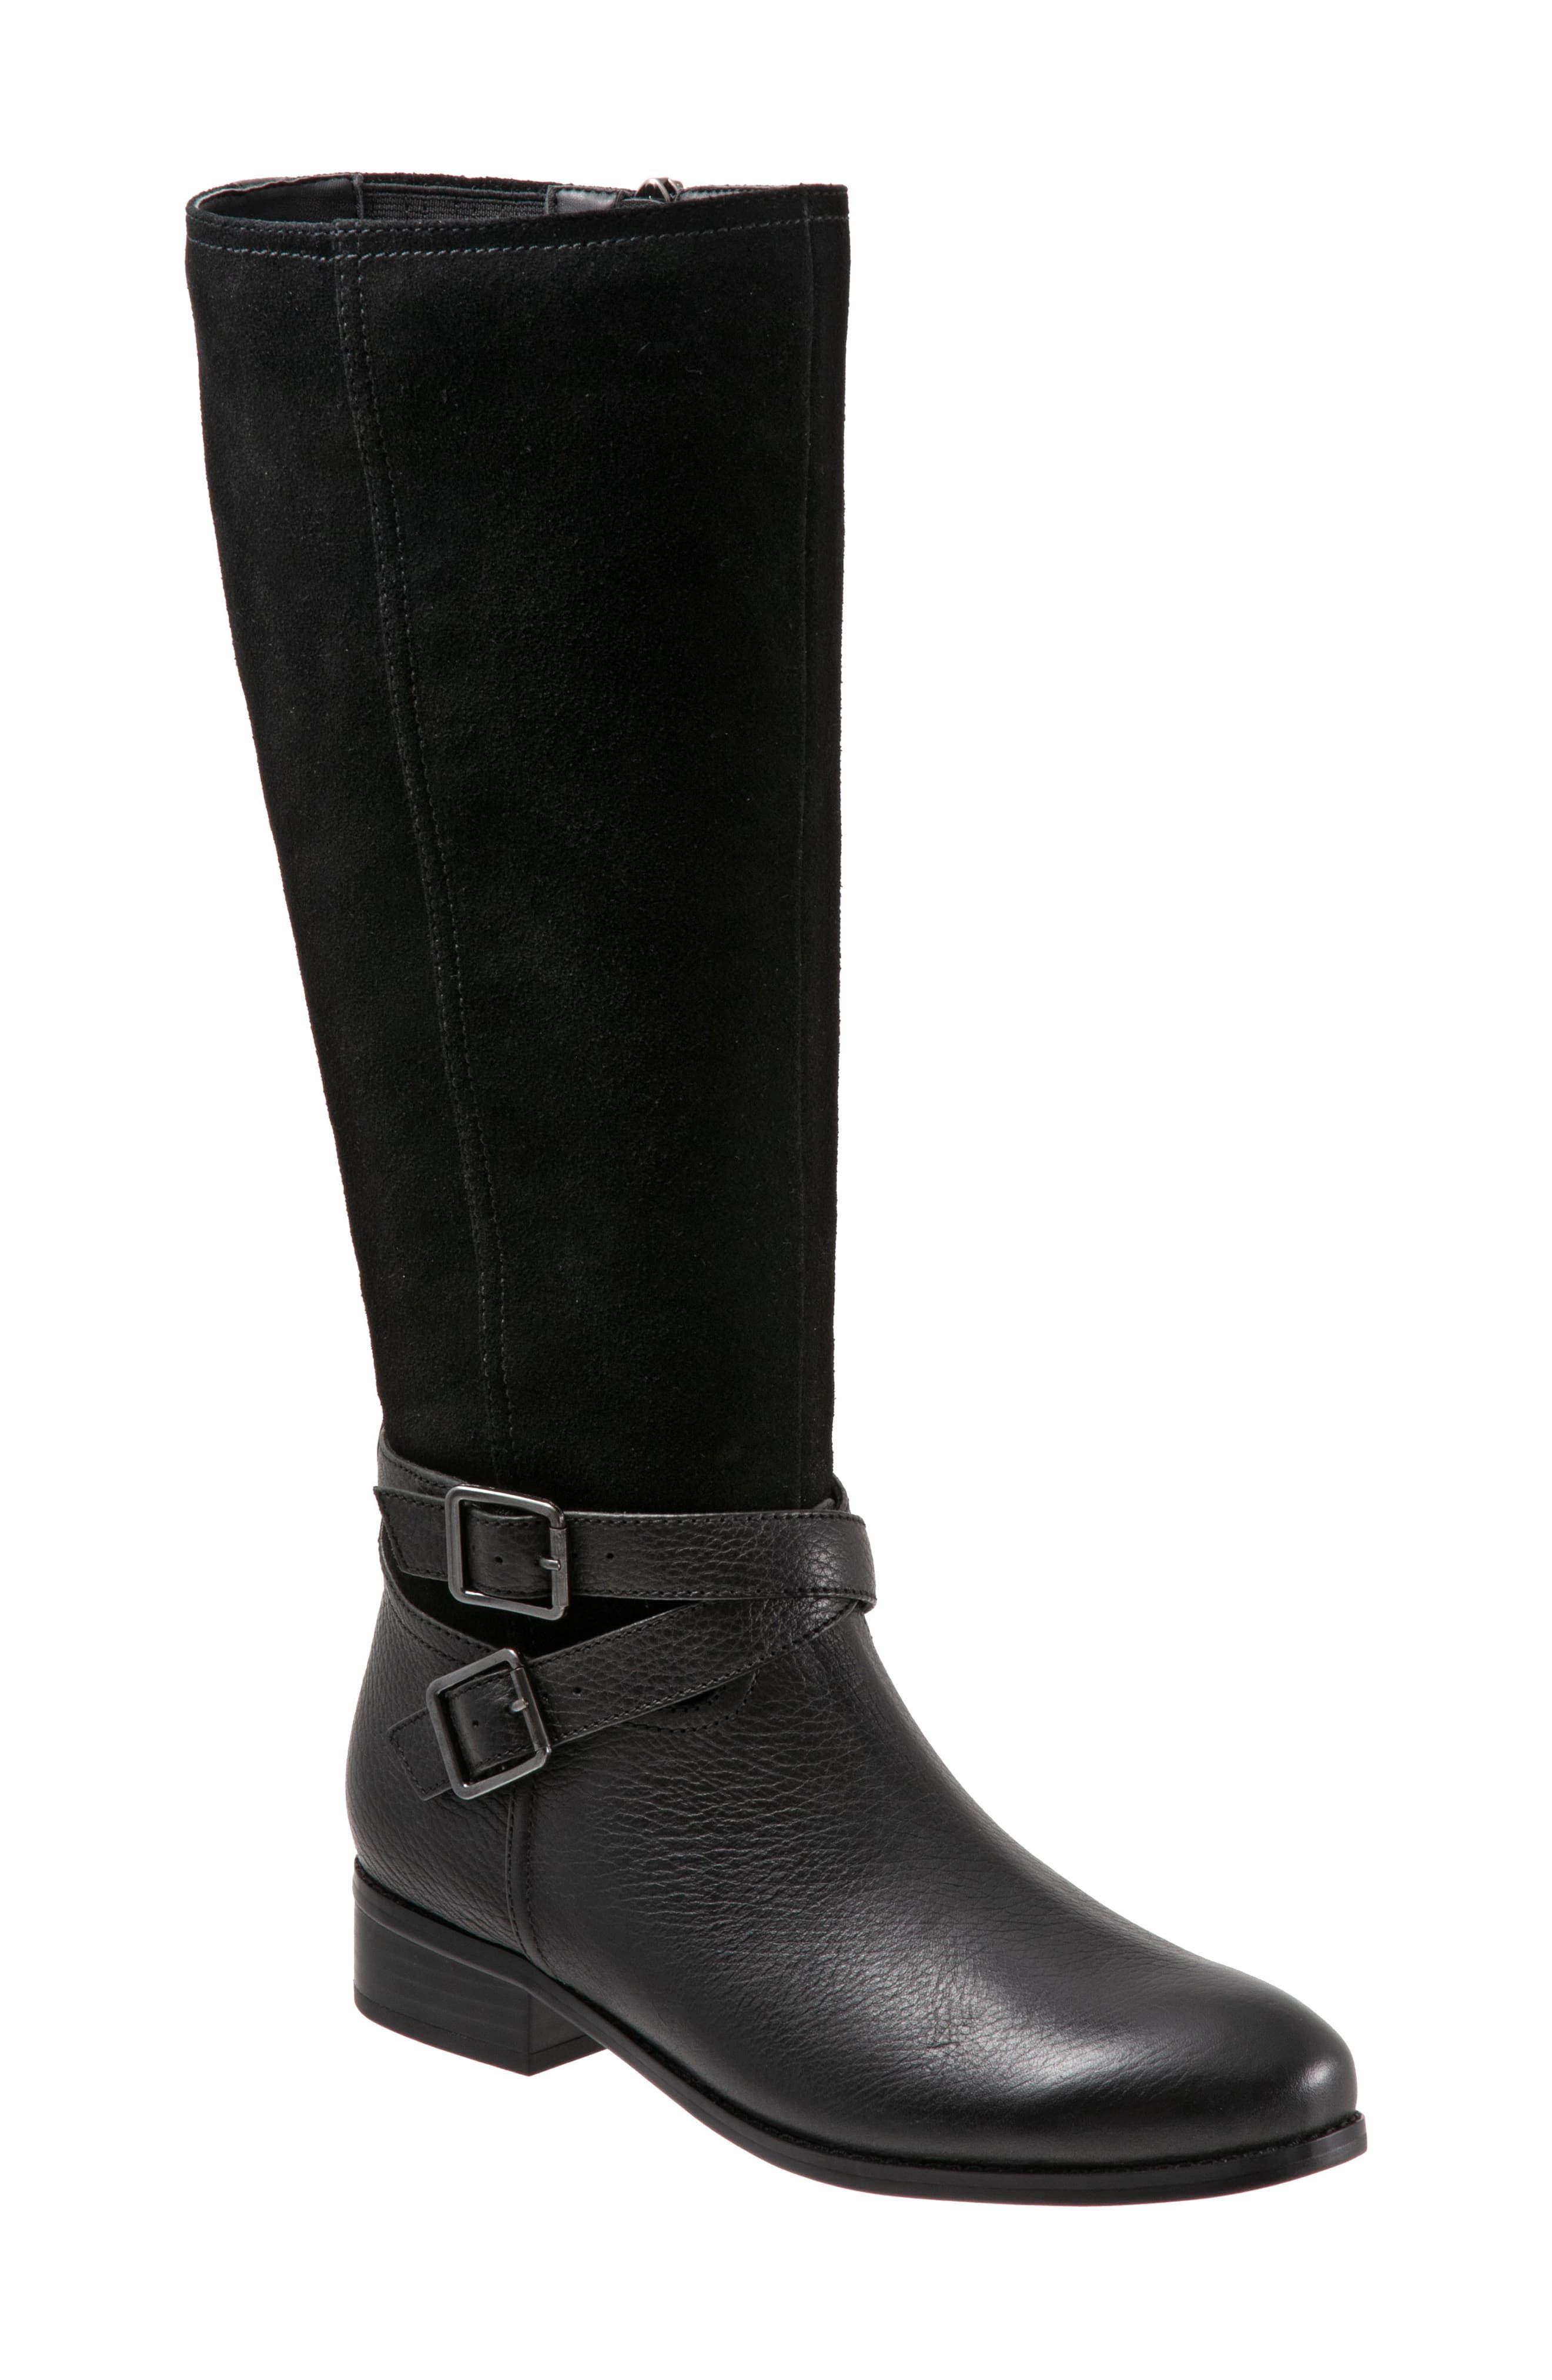 Women's Trotters Larkin Knee High Boot